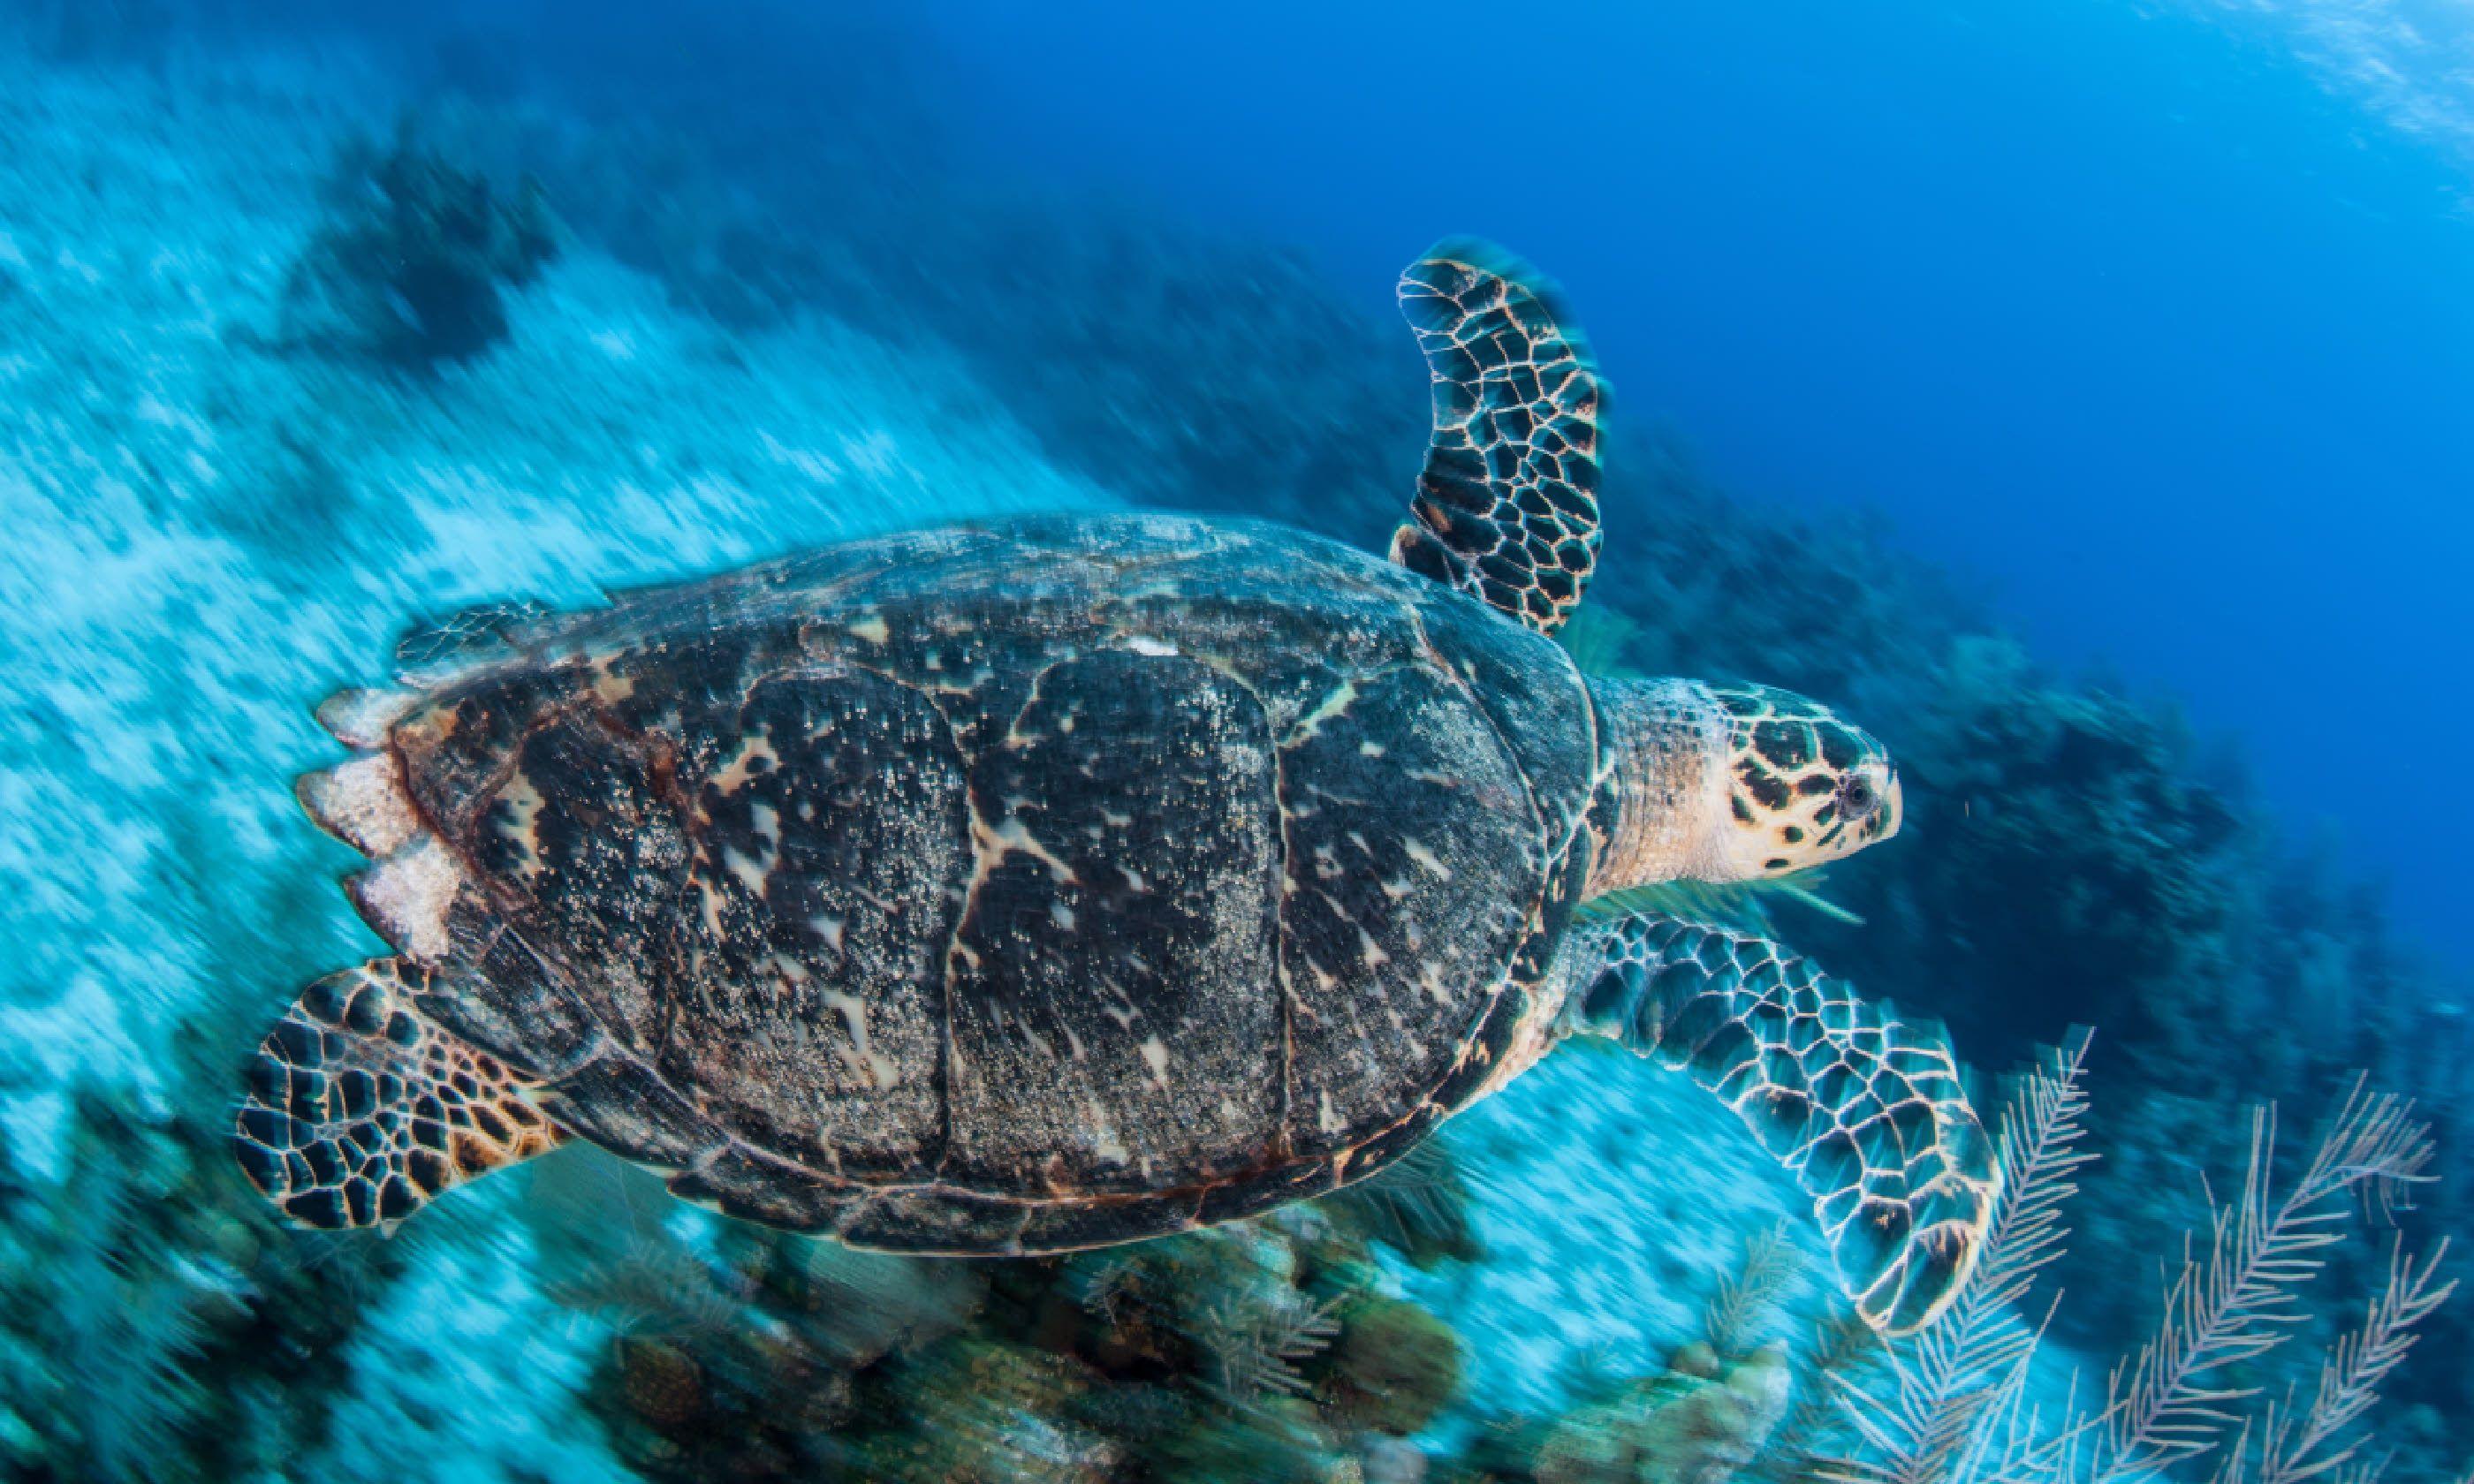 Hawksbill sea turtle, Grand Cayman (Shutterstock)